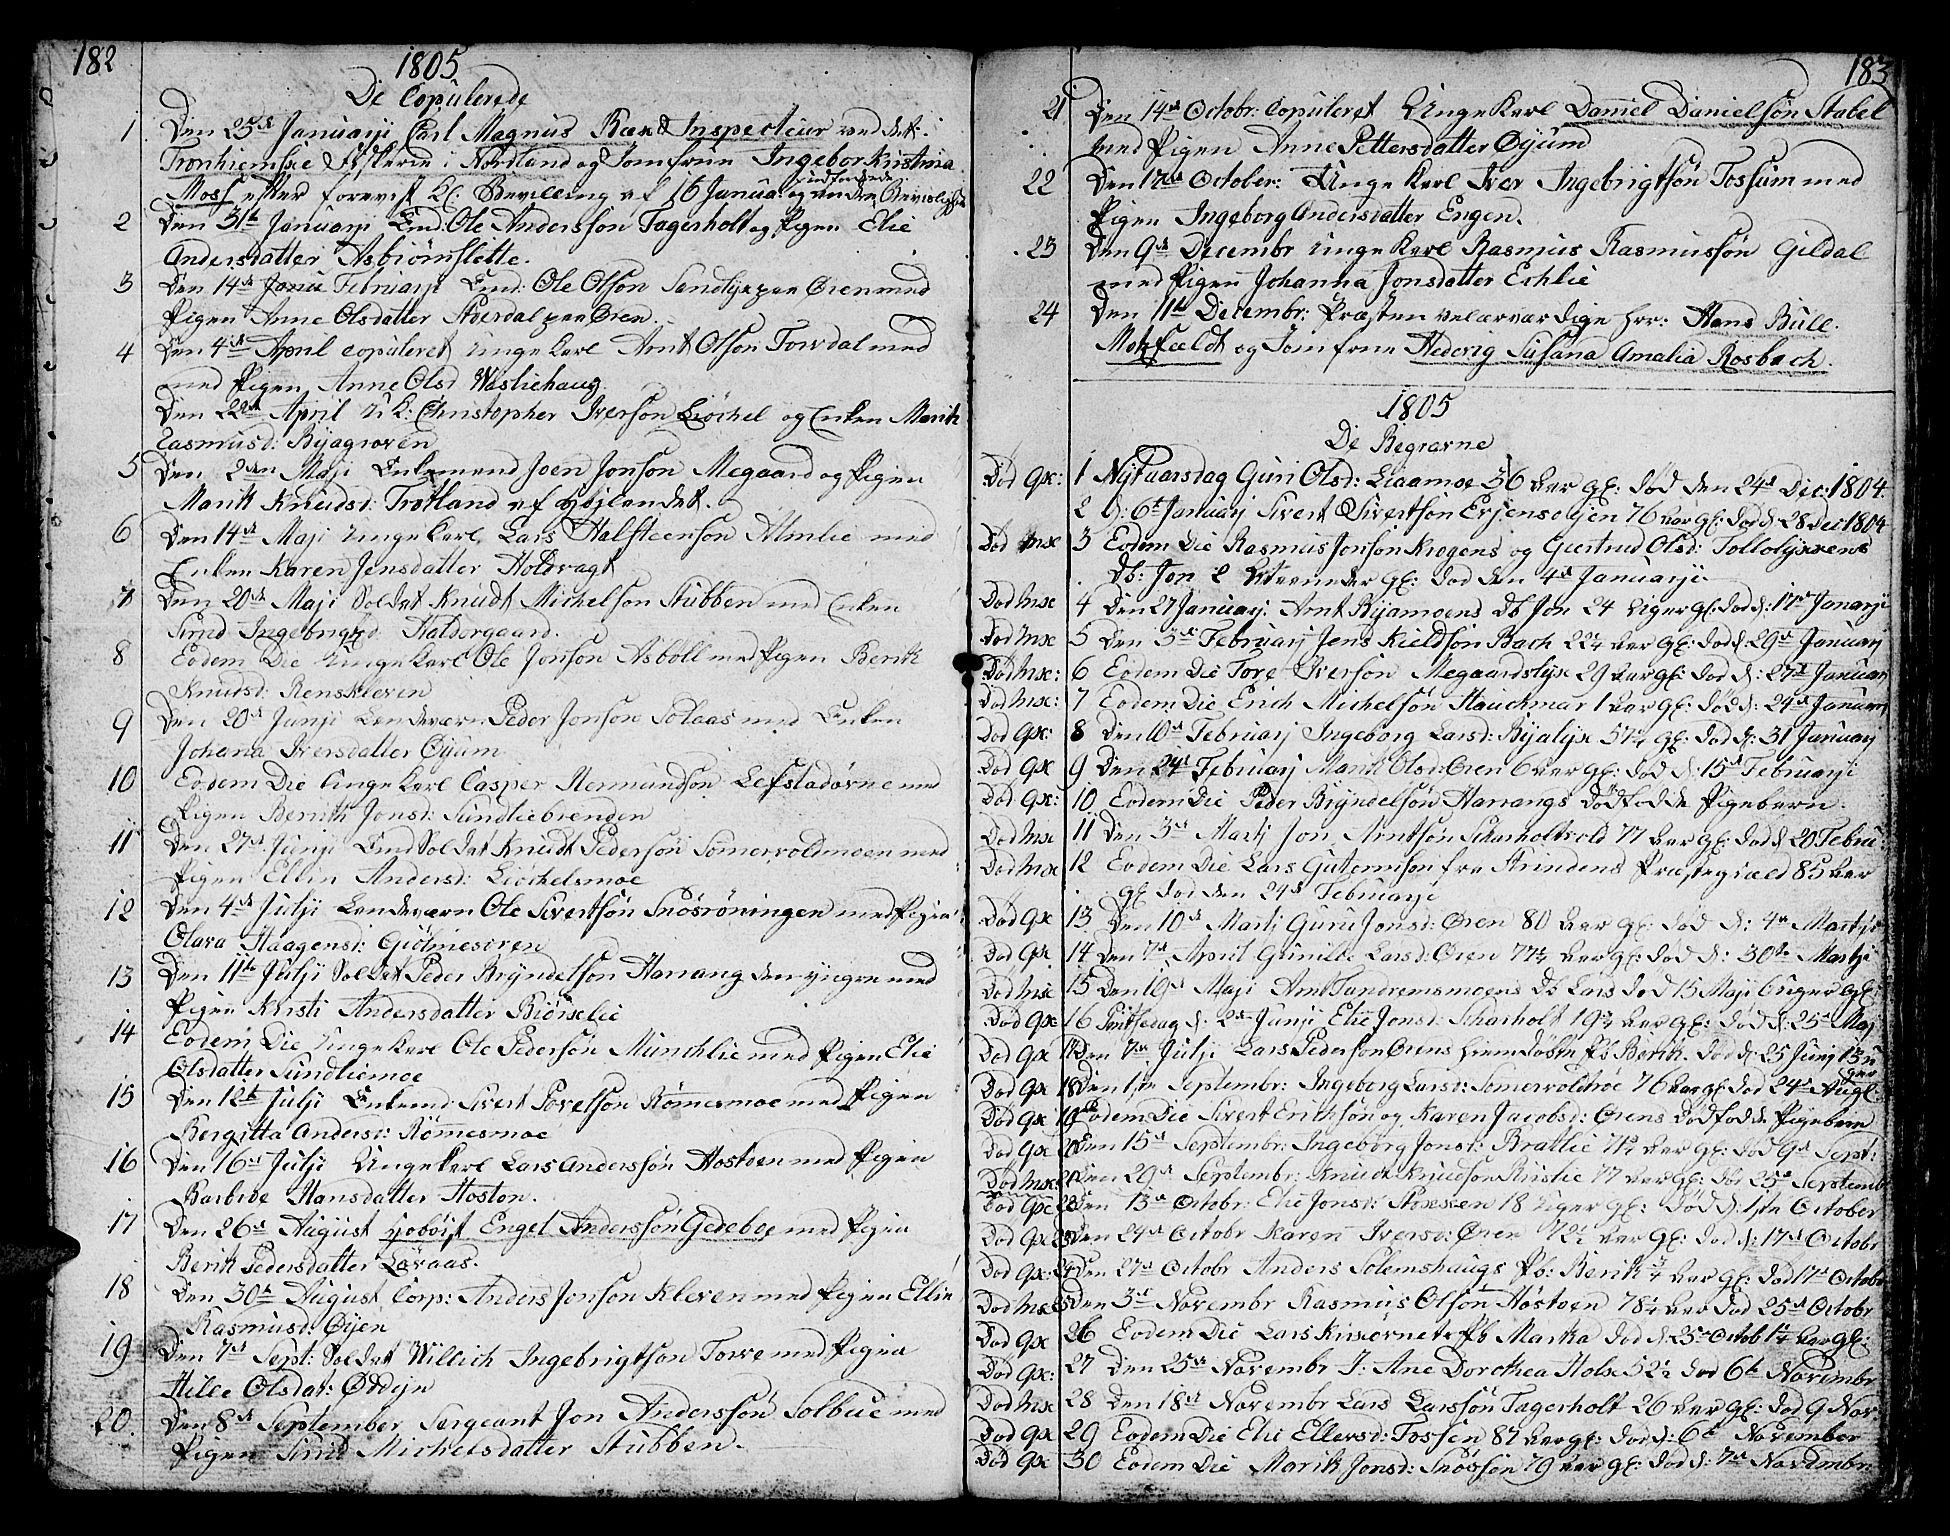 SAT, Ministerialprotokoller, klokkerbøker og fødselsregistre - Sør-Trøndelag, 668/L0815: Klokkerbok nr. 668C04, 1791-1815, s. 182-183